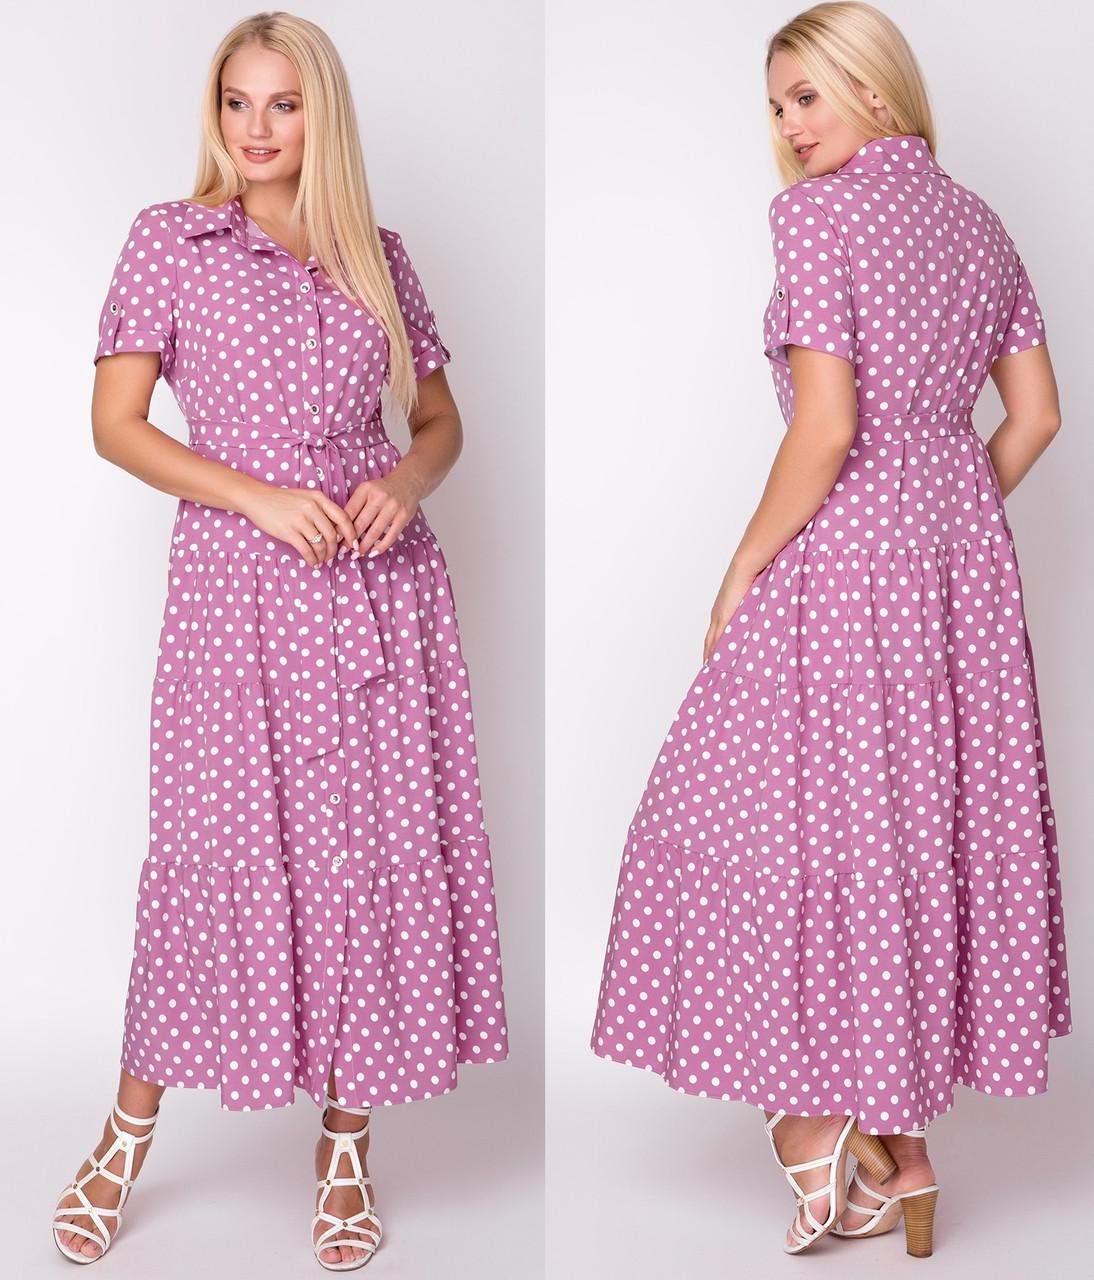 2af398b291c Длинное платье женское в горошек больших размеров (батальное ...